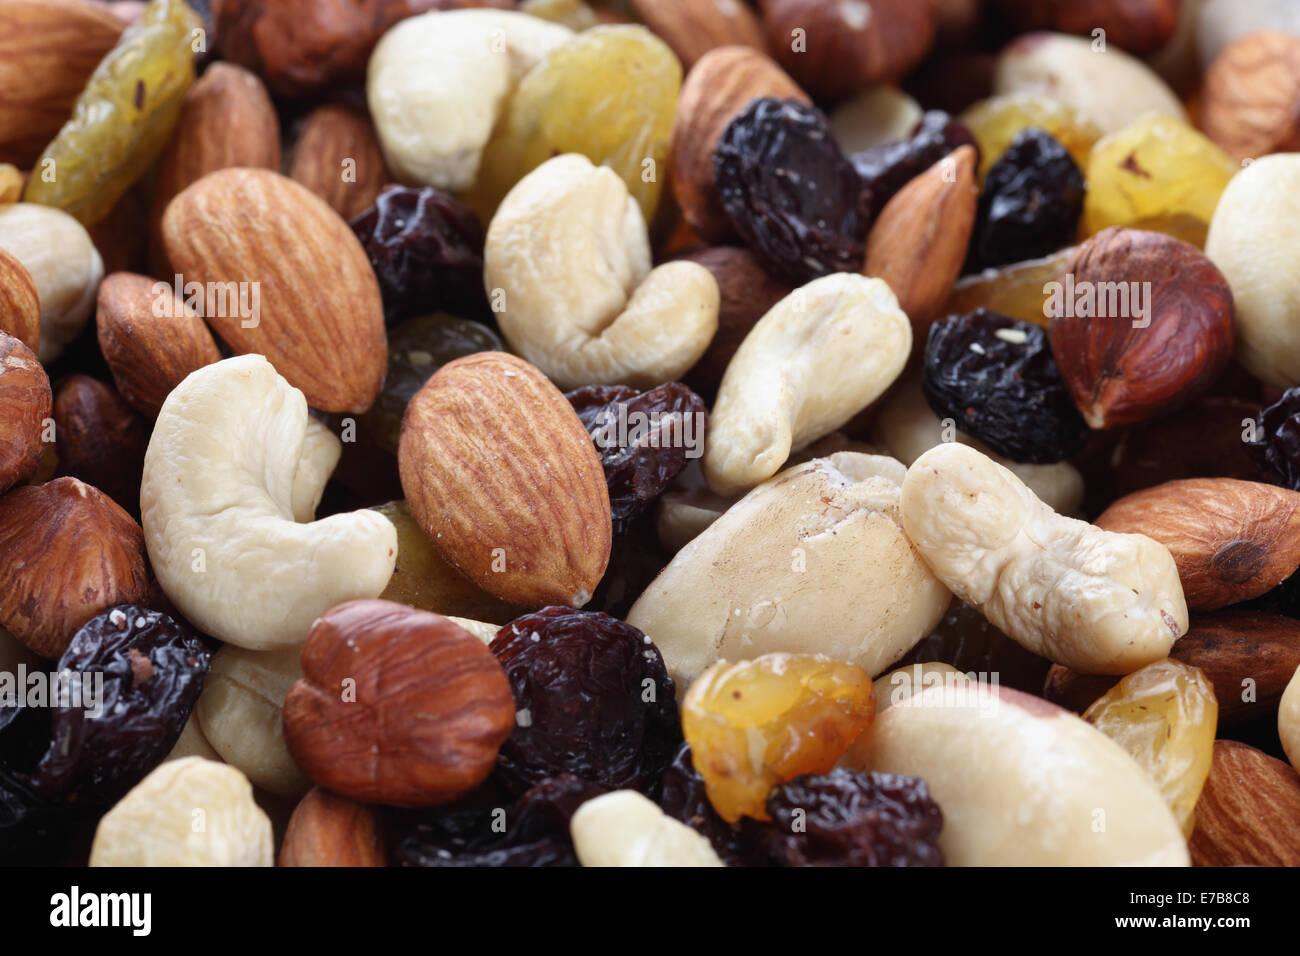 Variété de noix et raisins. Close-up. Banque D'Images